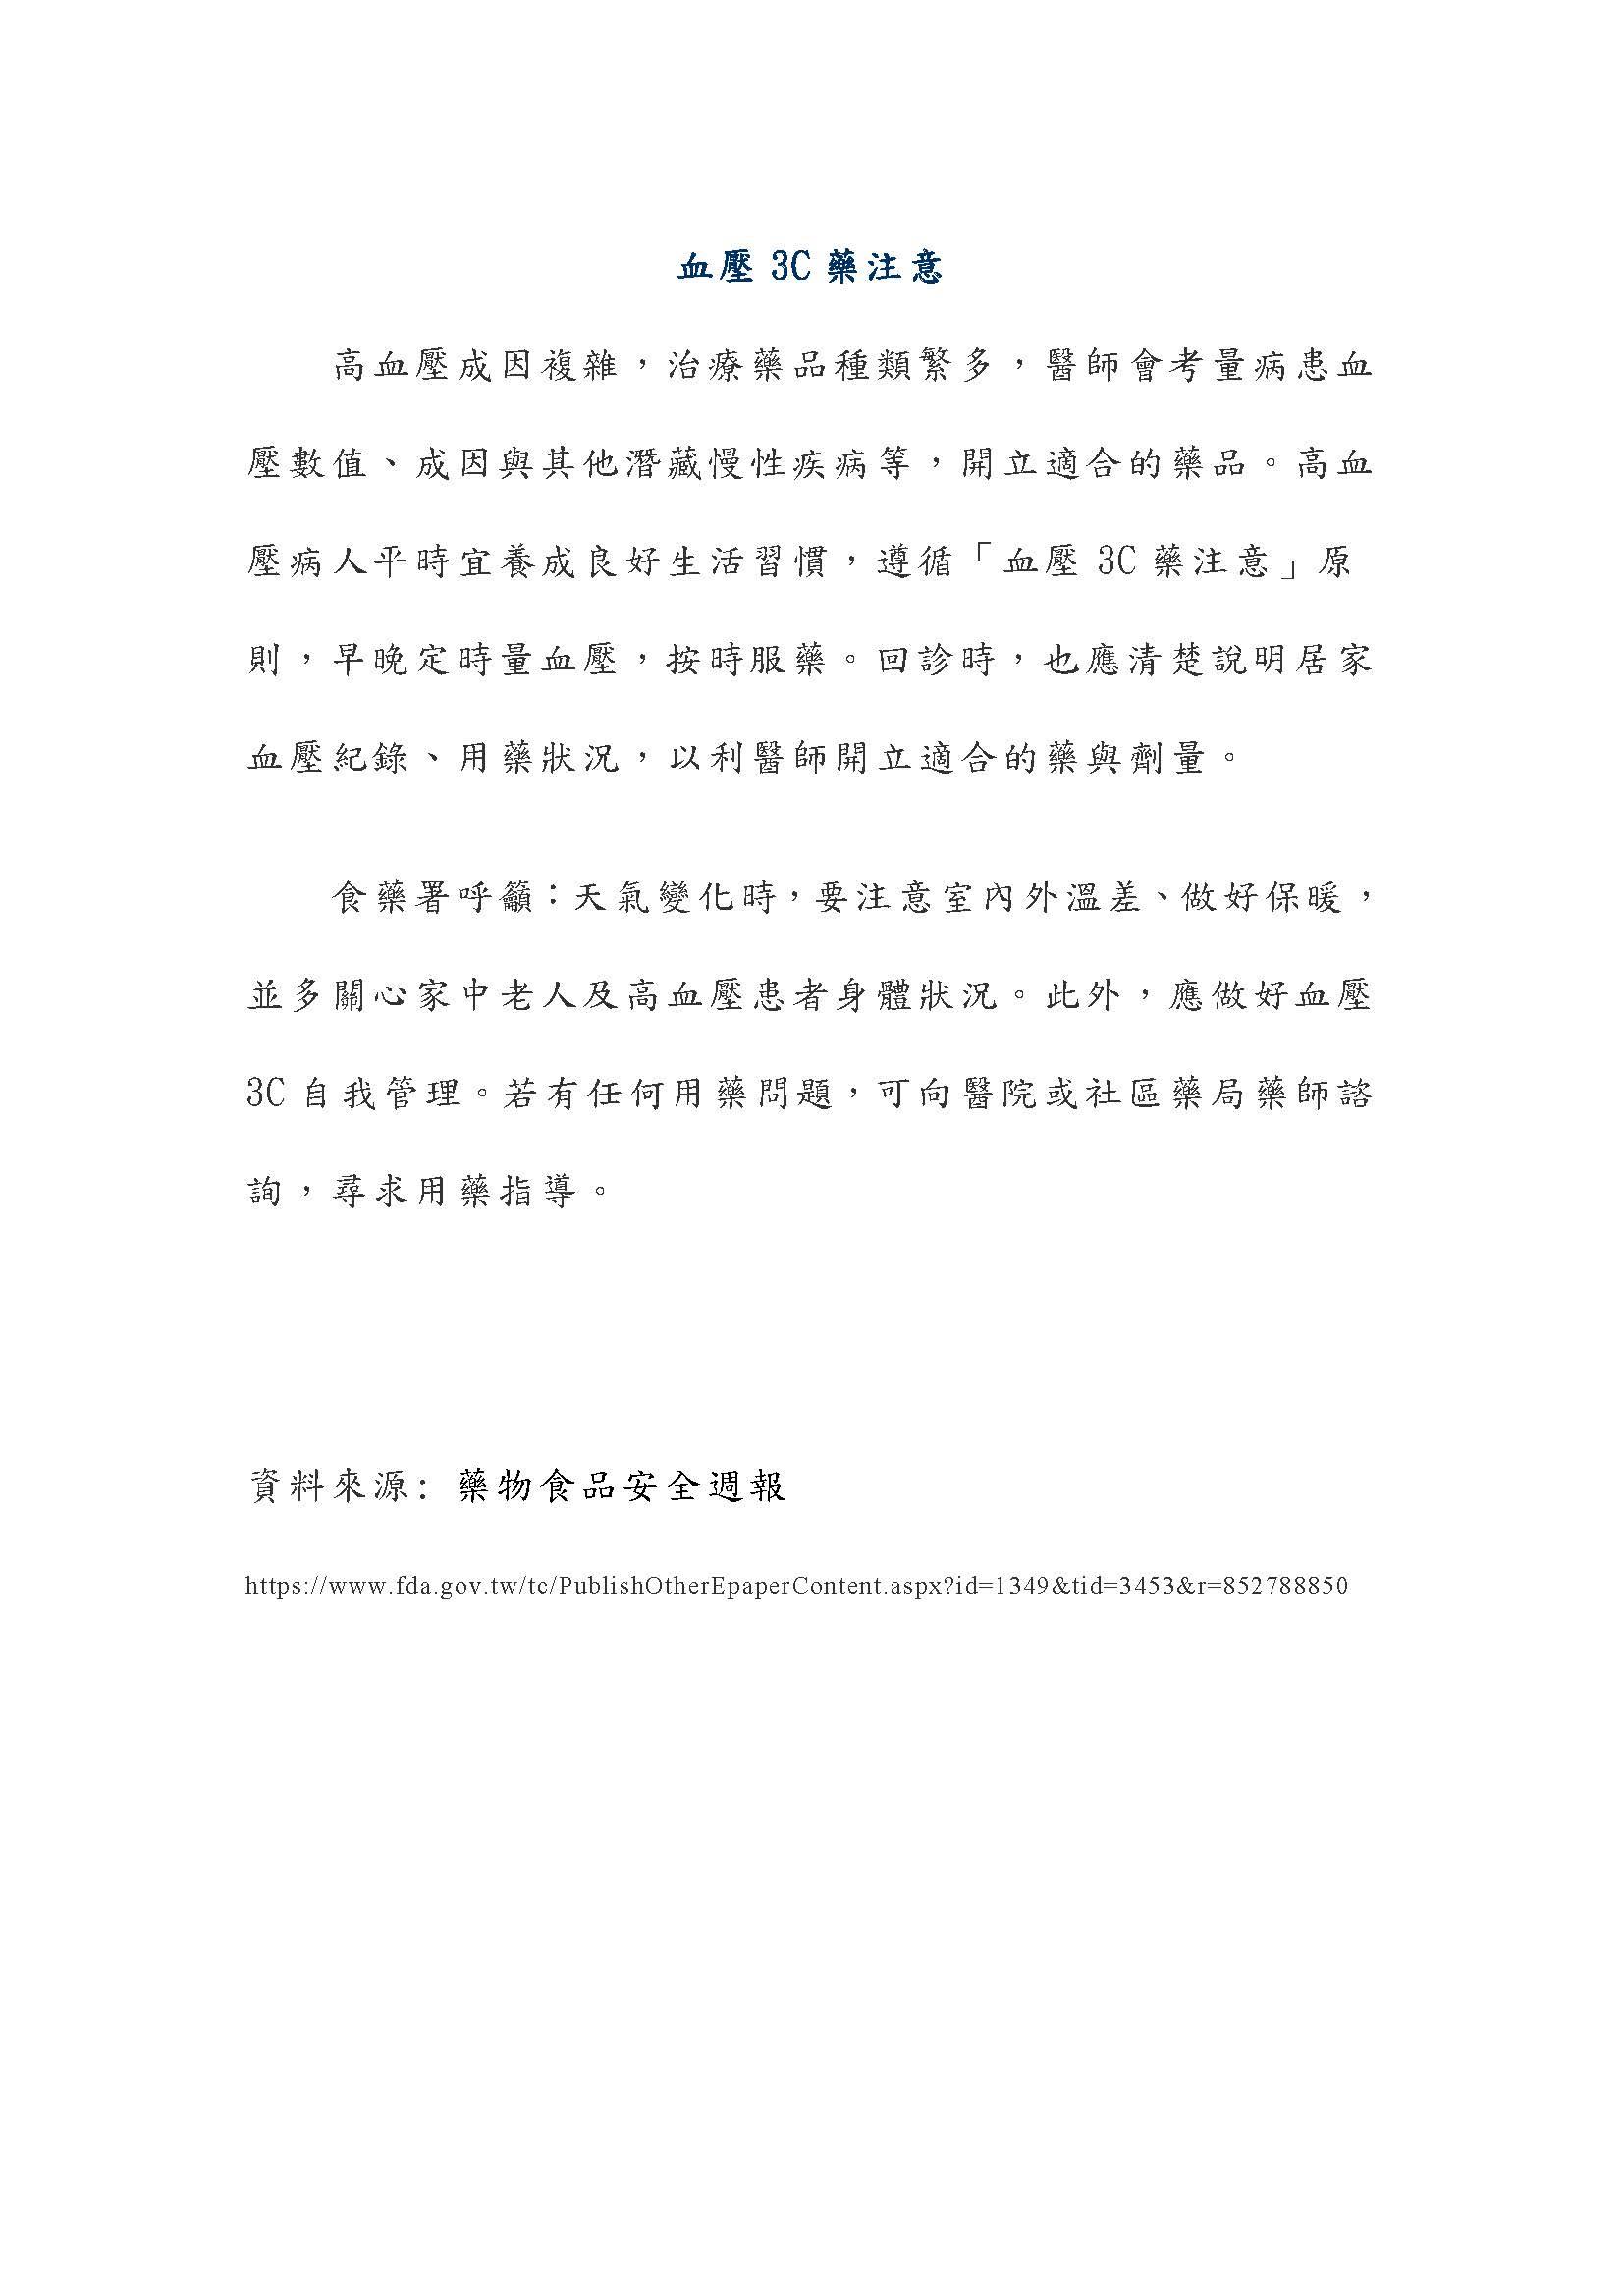 �局最新消息_�面_2.jpg